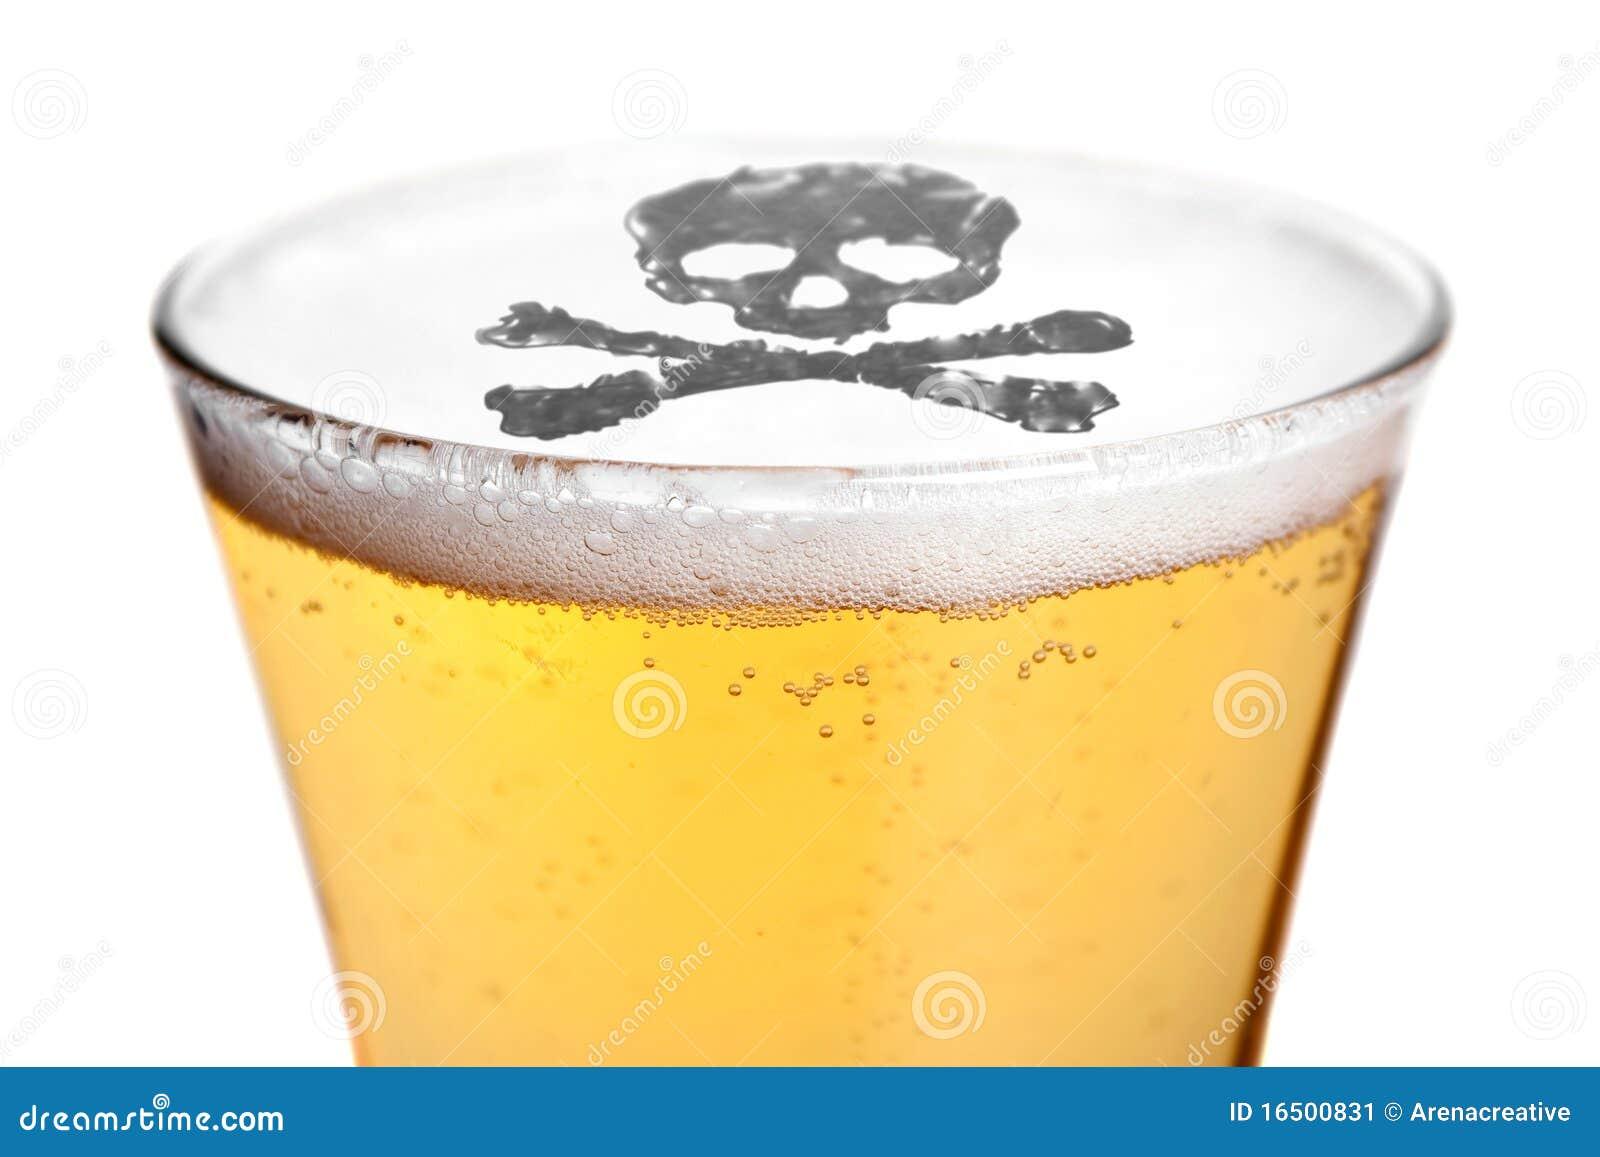 La codificación del alcoholismo en grodno el precio